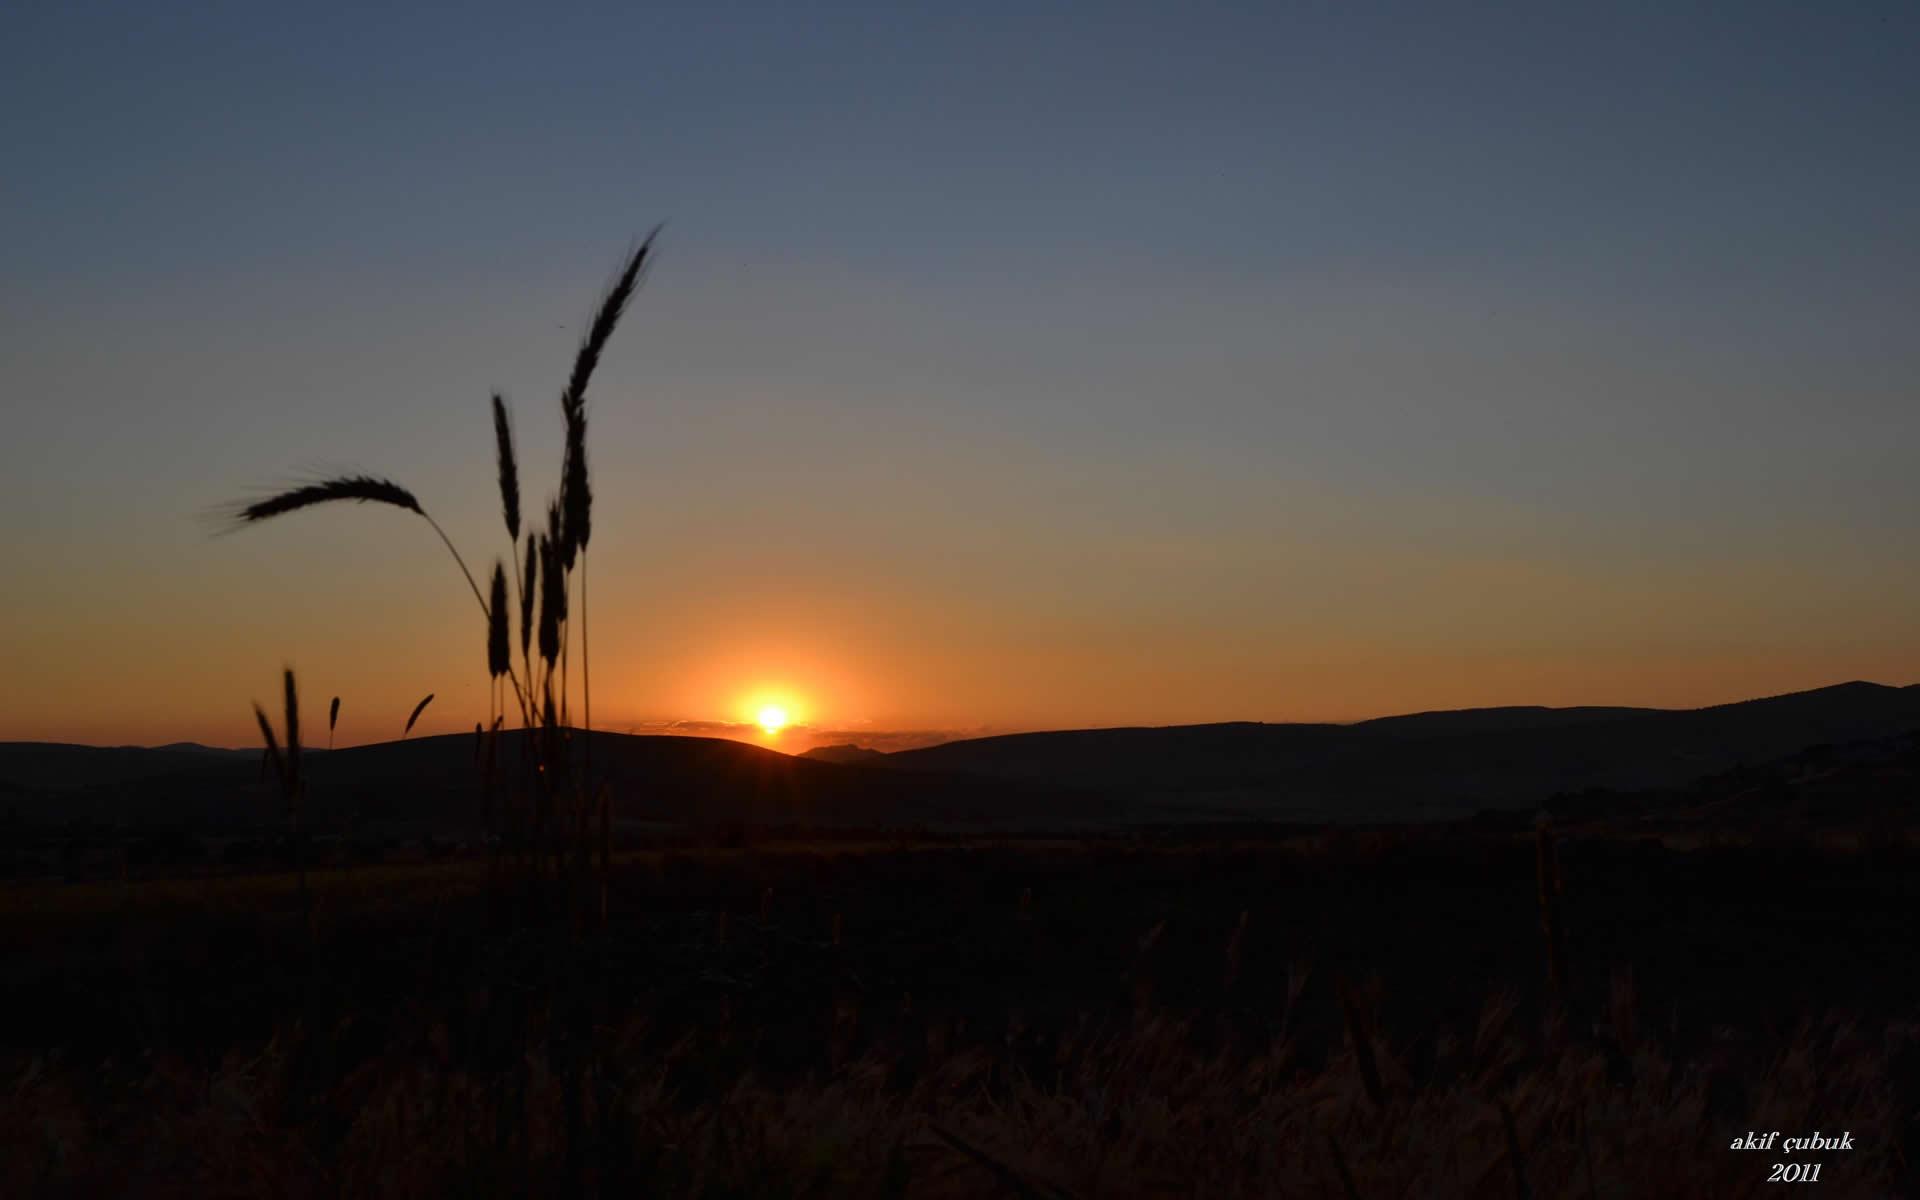 kemerkaya'da gün batımı